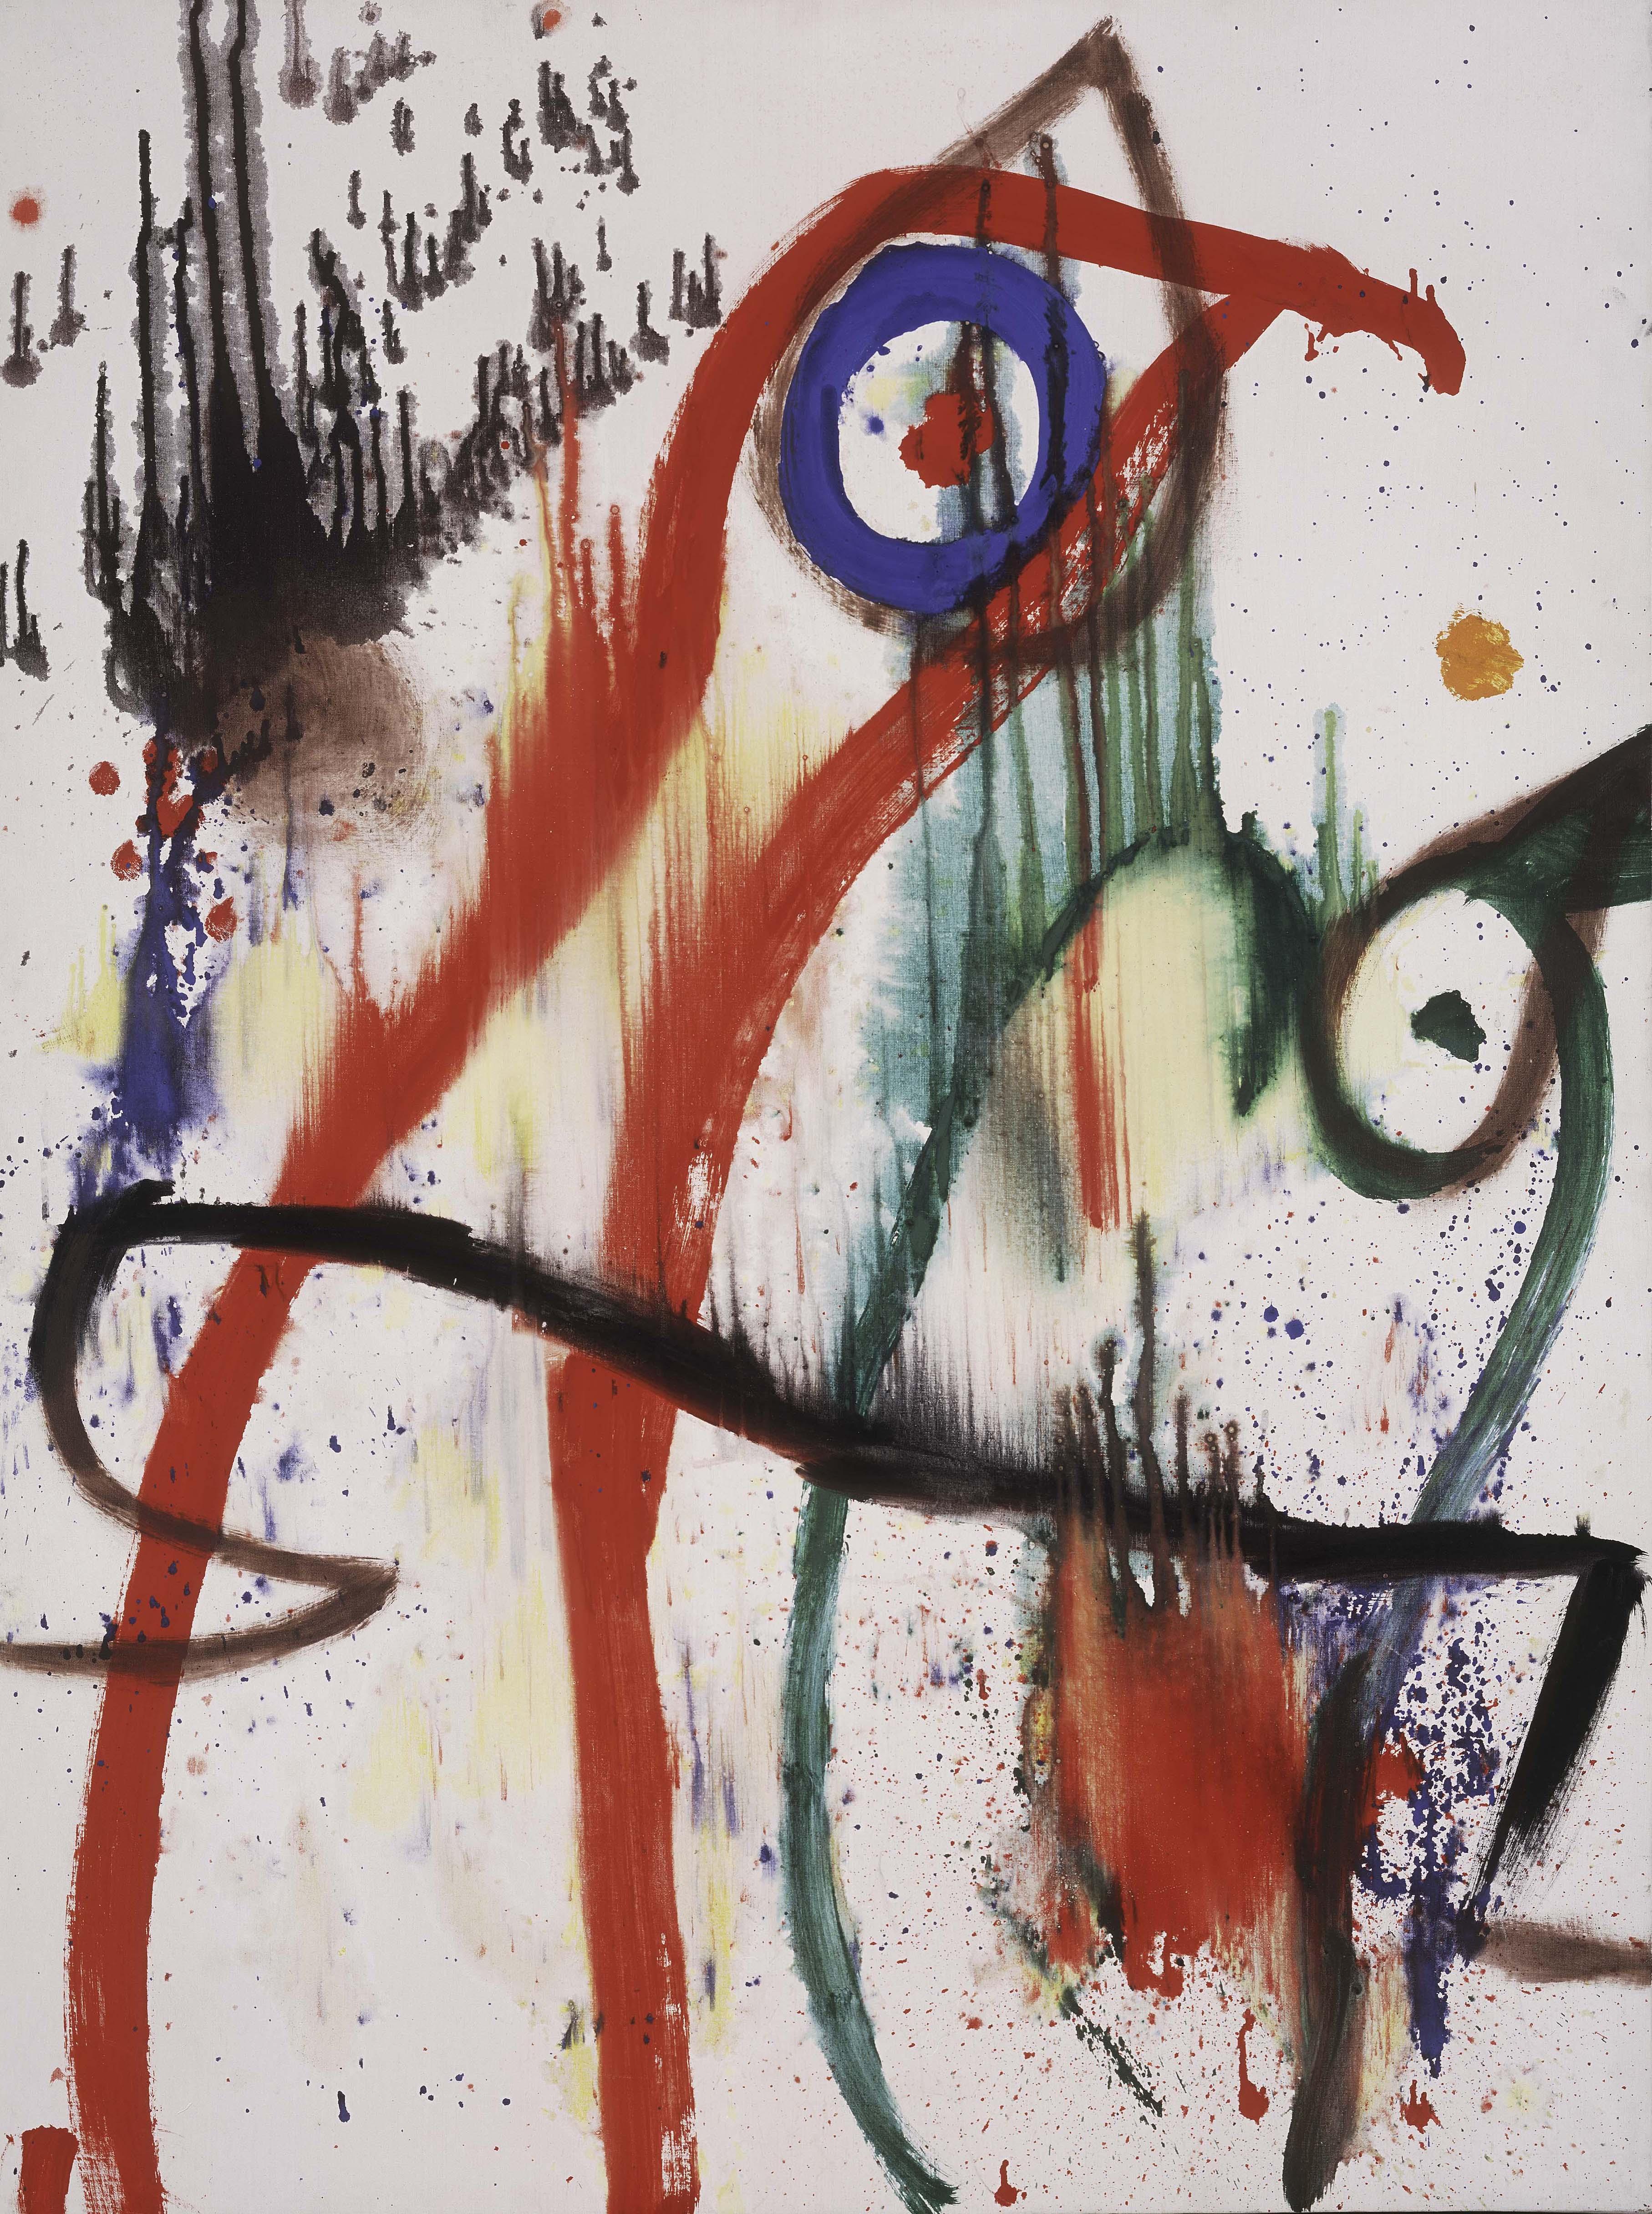 Miró, Sans titre (1973-78)